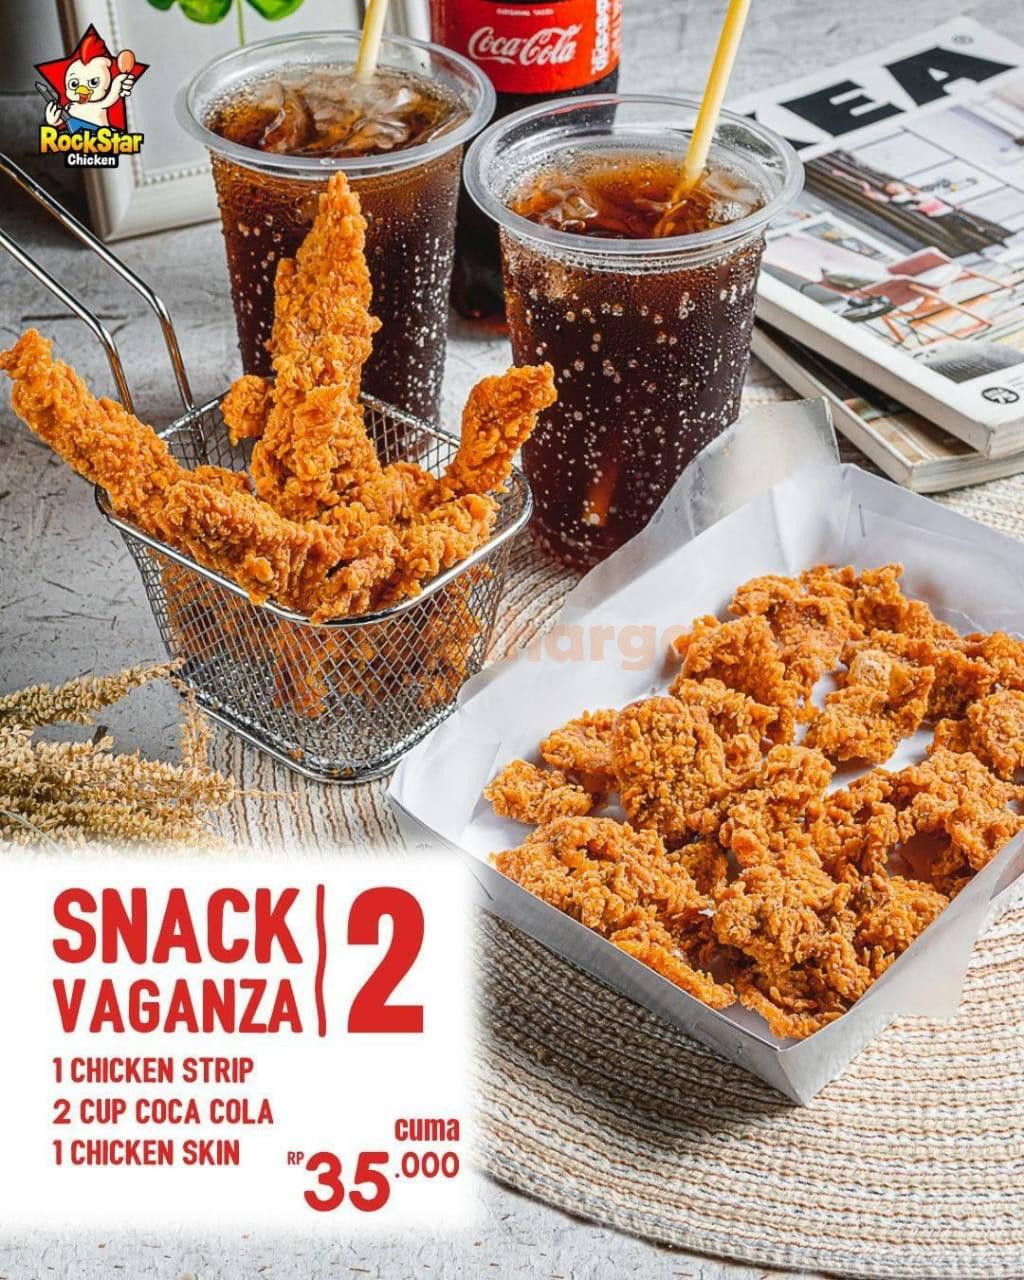 Promo Rockstar Chicken Paket Snack Vaganza 2